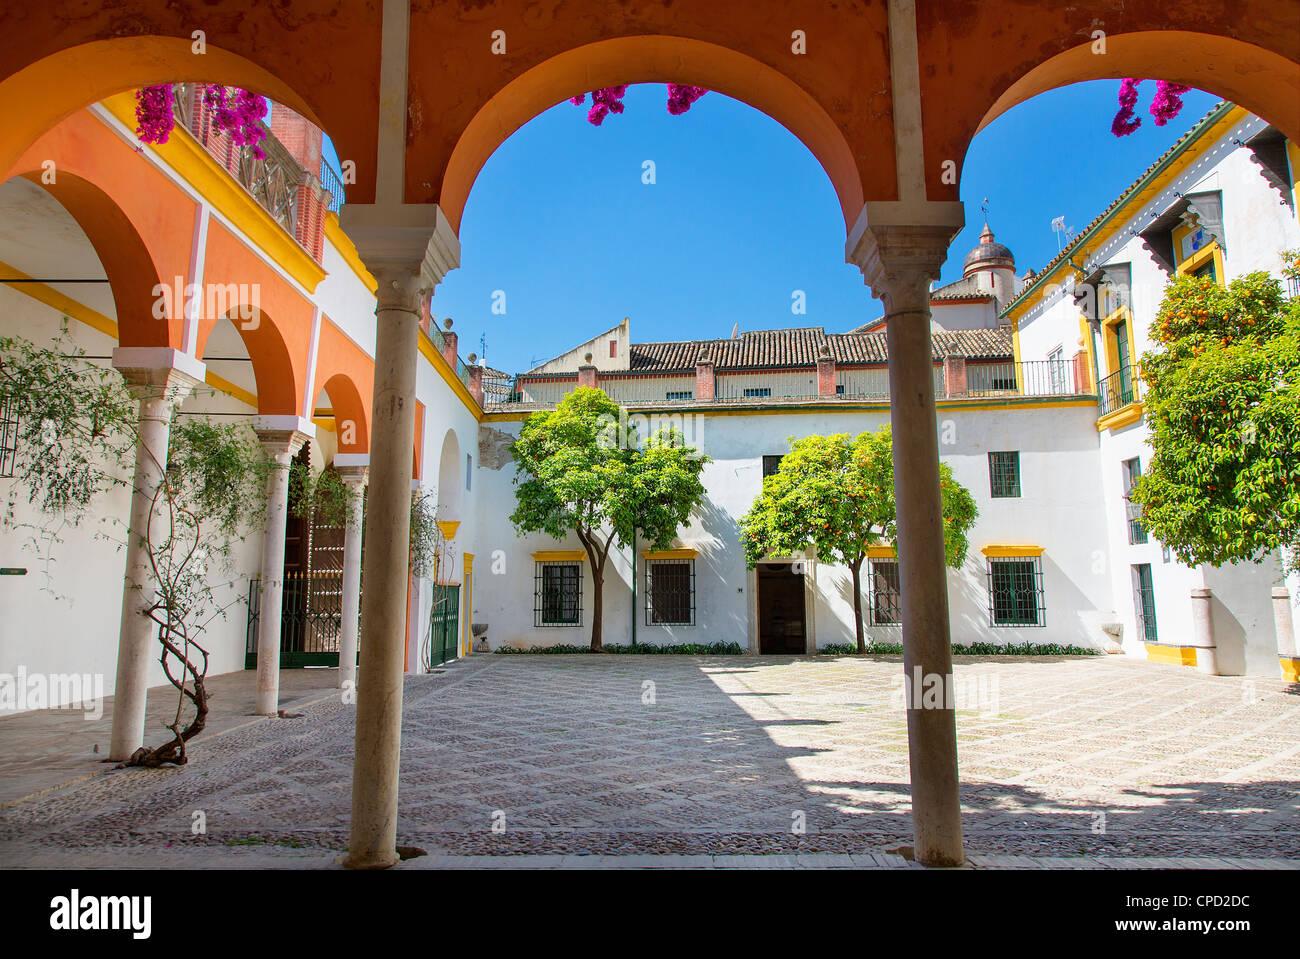 Europe, Spain Andalusia, Sevilla, Courtyard in Casa de Pilatos - Stock Image